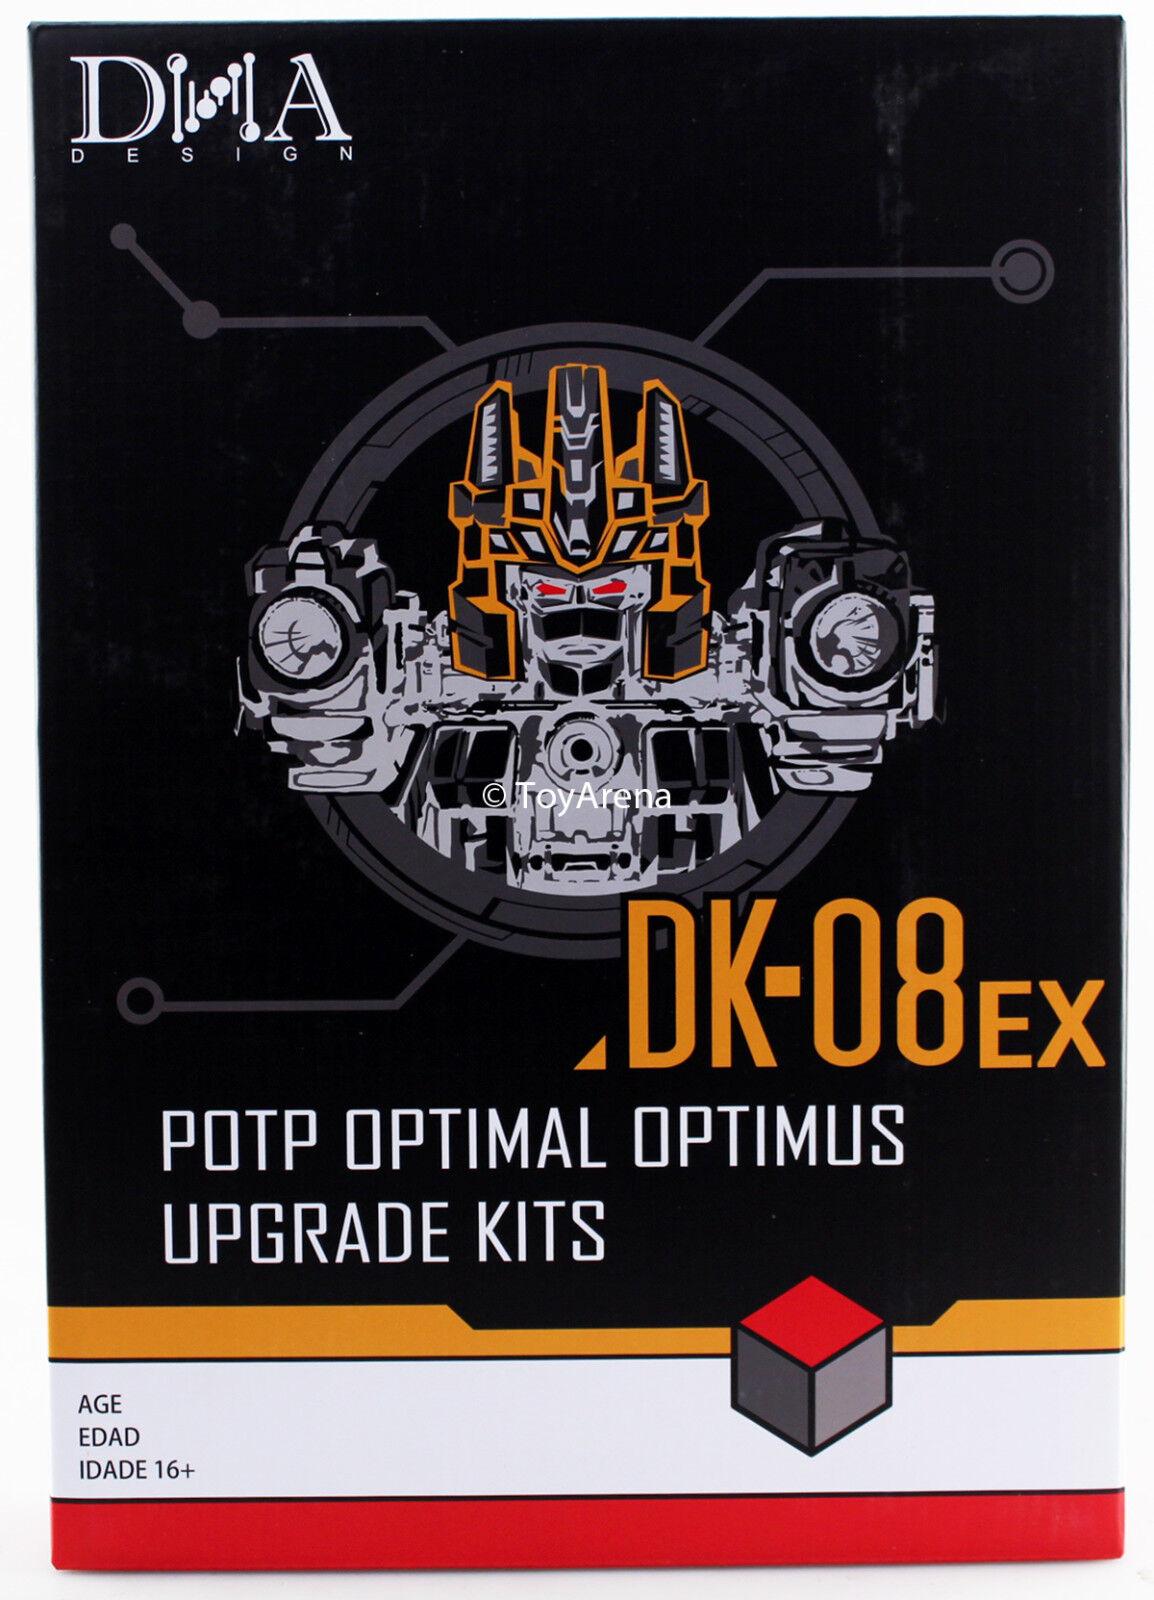 Diseños de ADN DK-08EX Kit de actualización para potp Sdcc PP-43 Optimus Óptimo En Stock